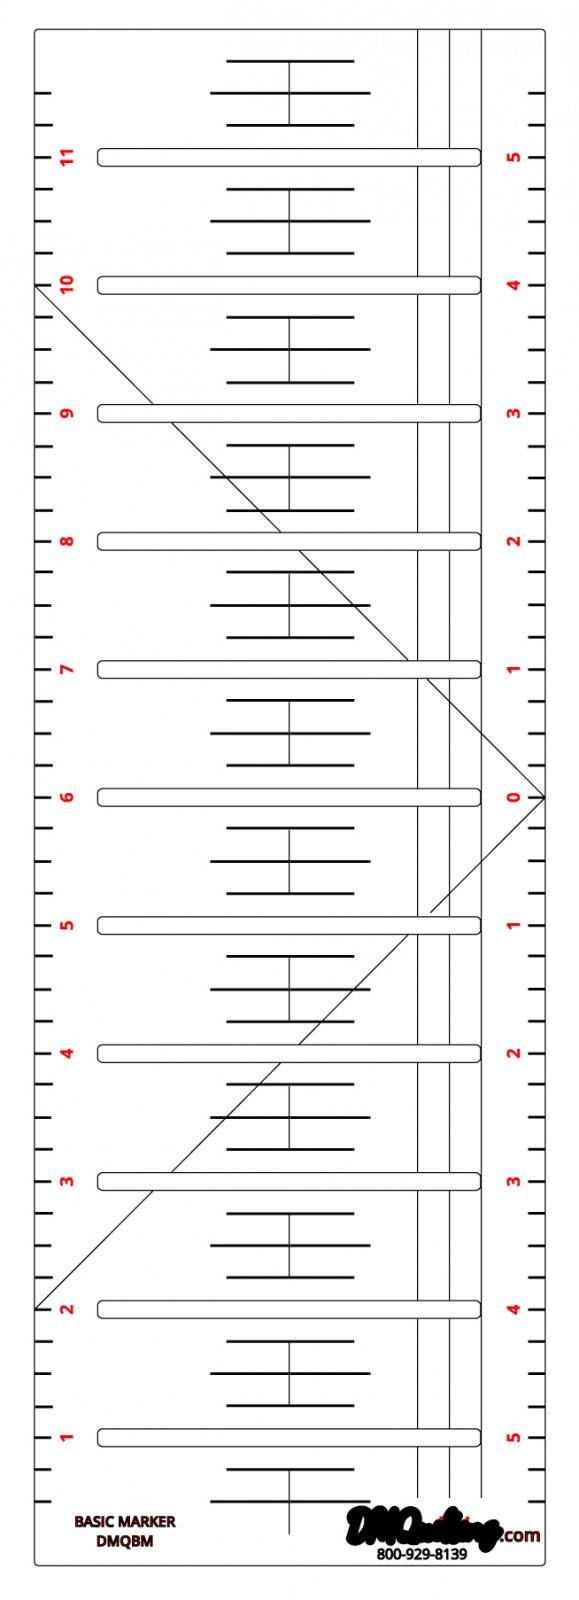 DM Basic Line Marker